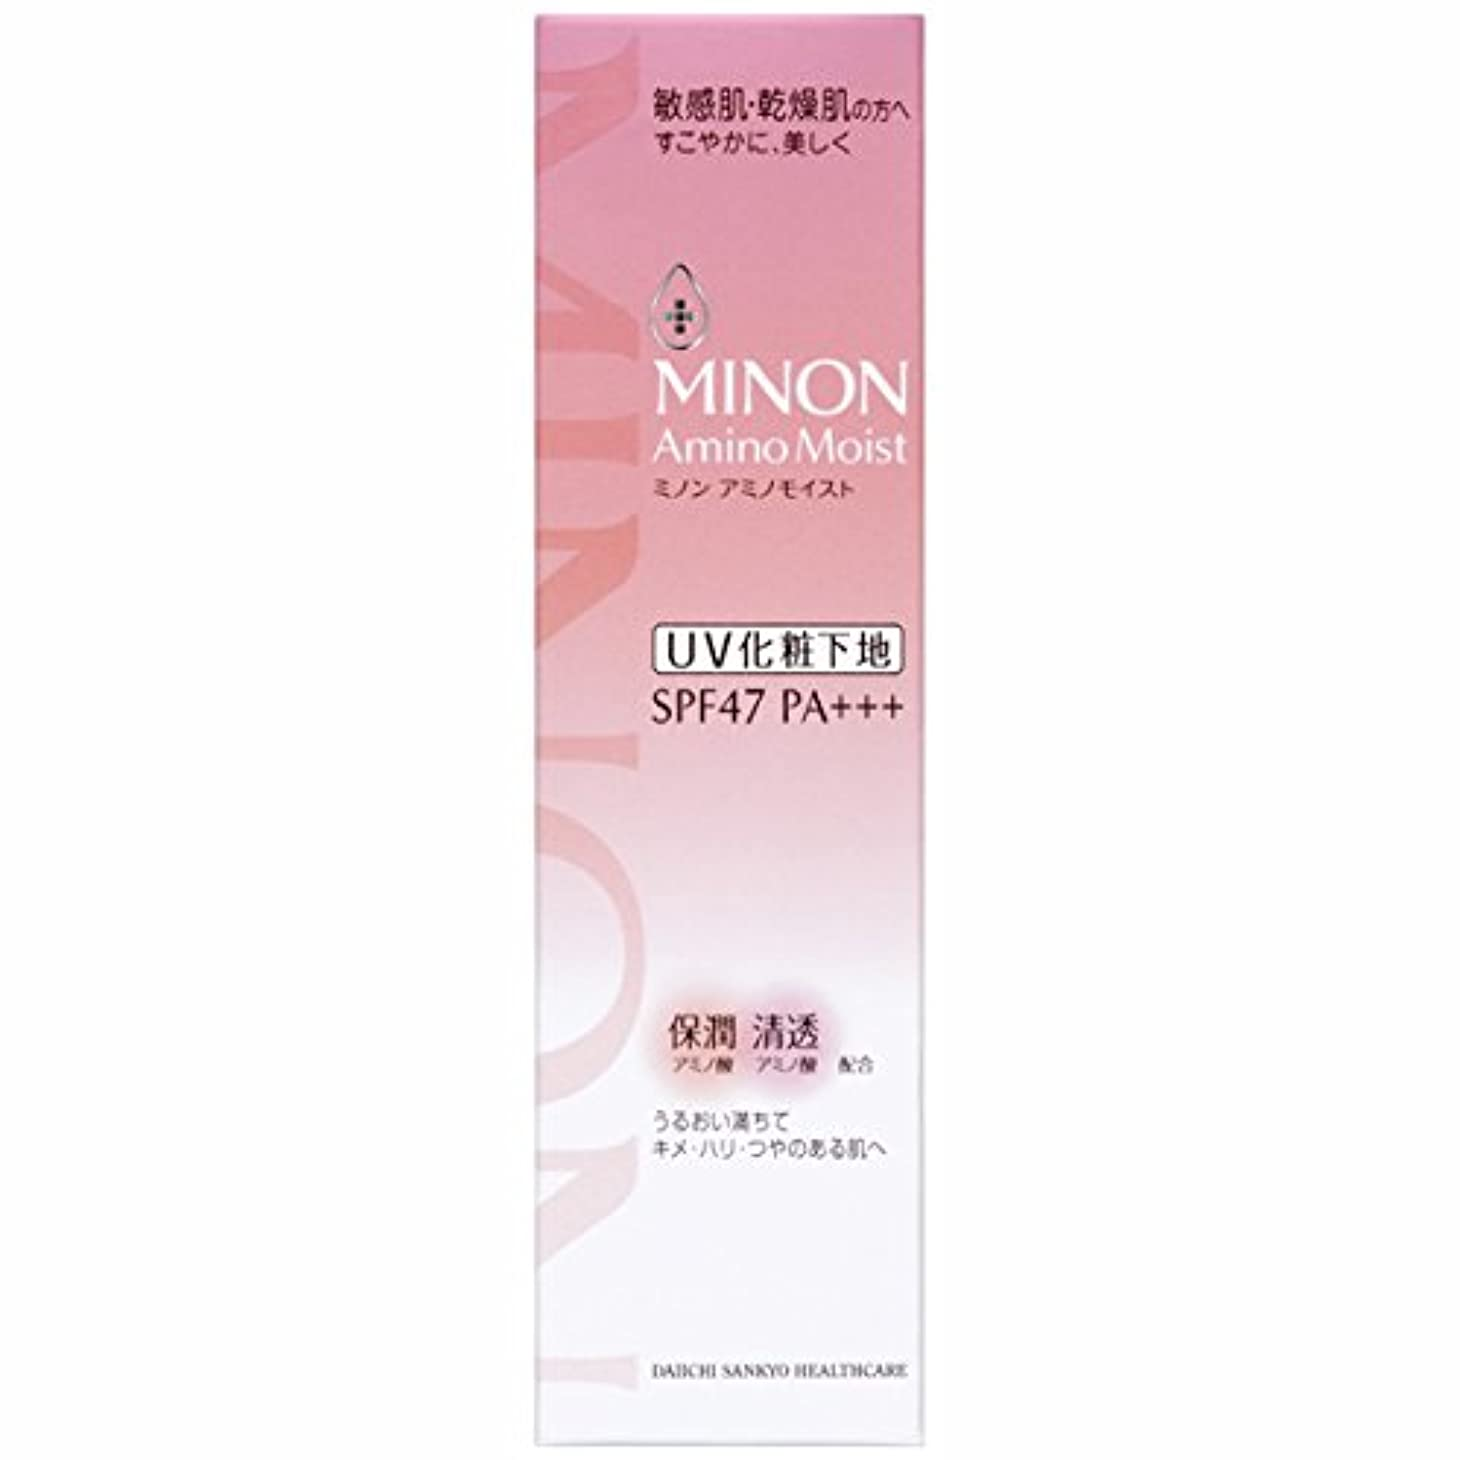 ミノン アミノモイスト ブライトアップベース UV 25g